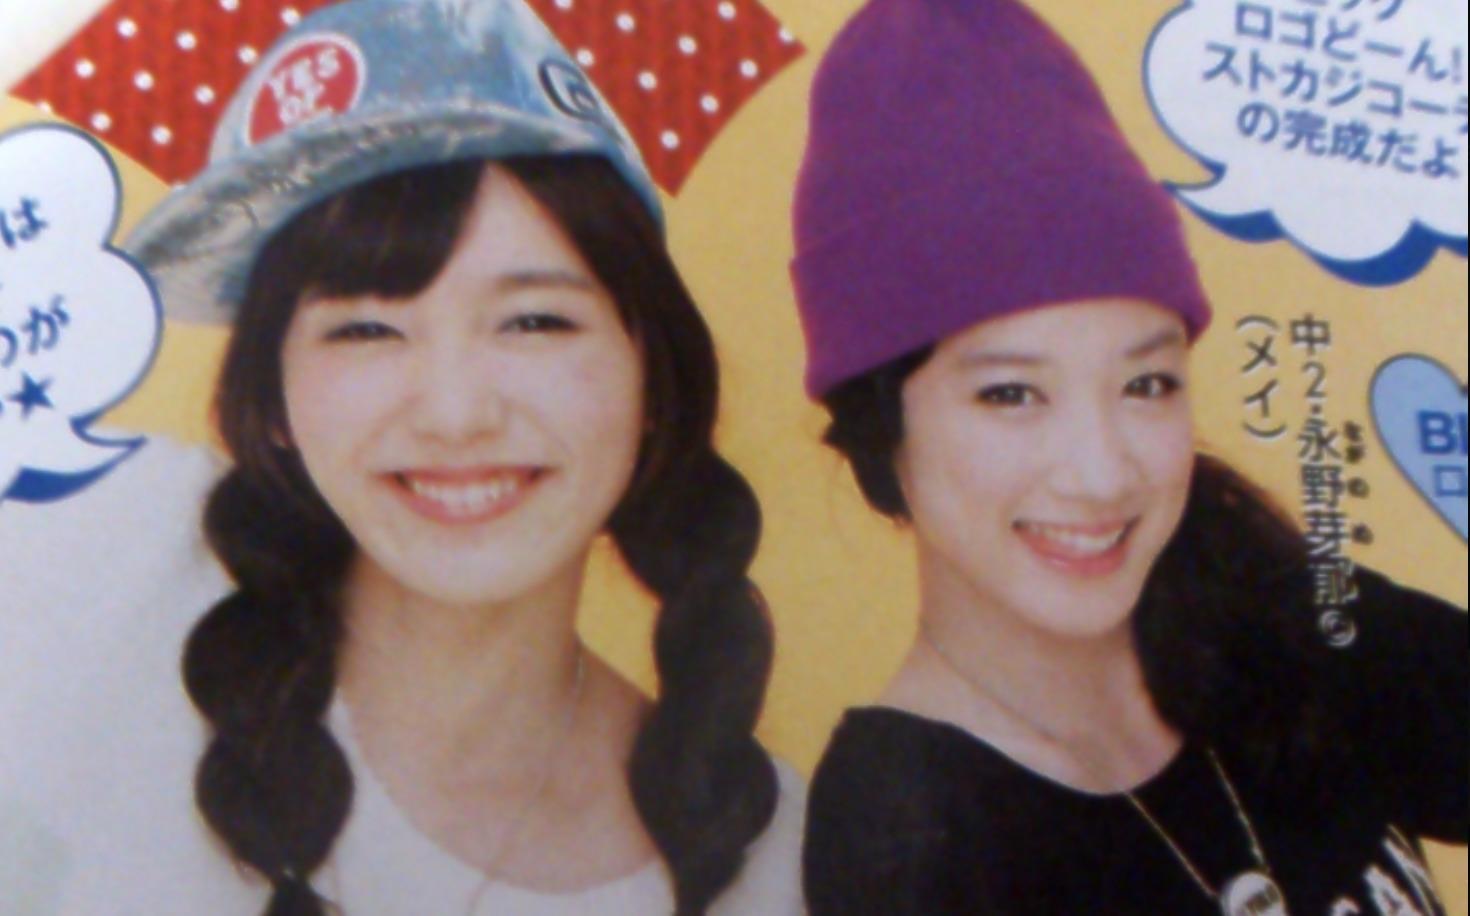 永野芽郁さんと飯豊まりえさんの画像